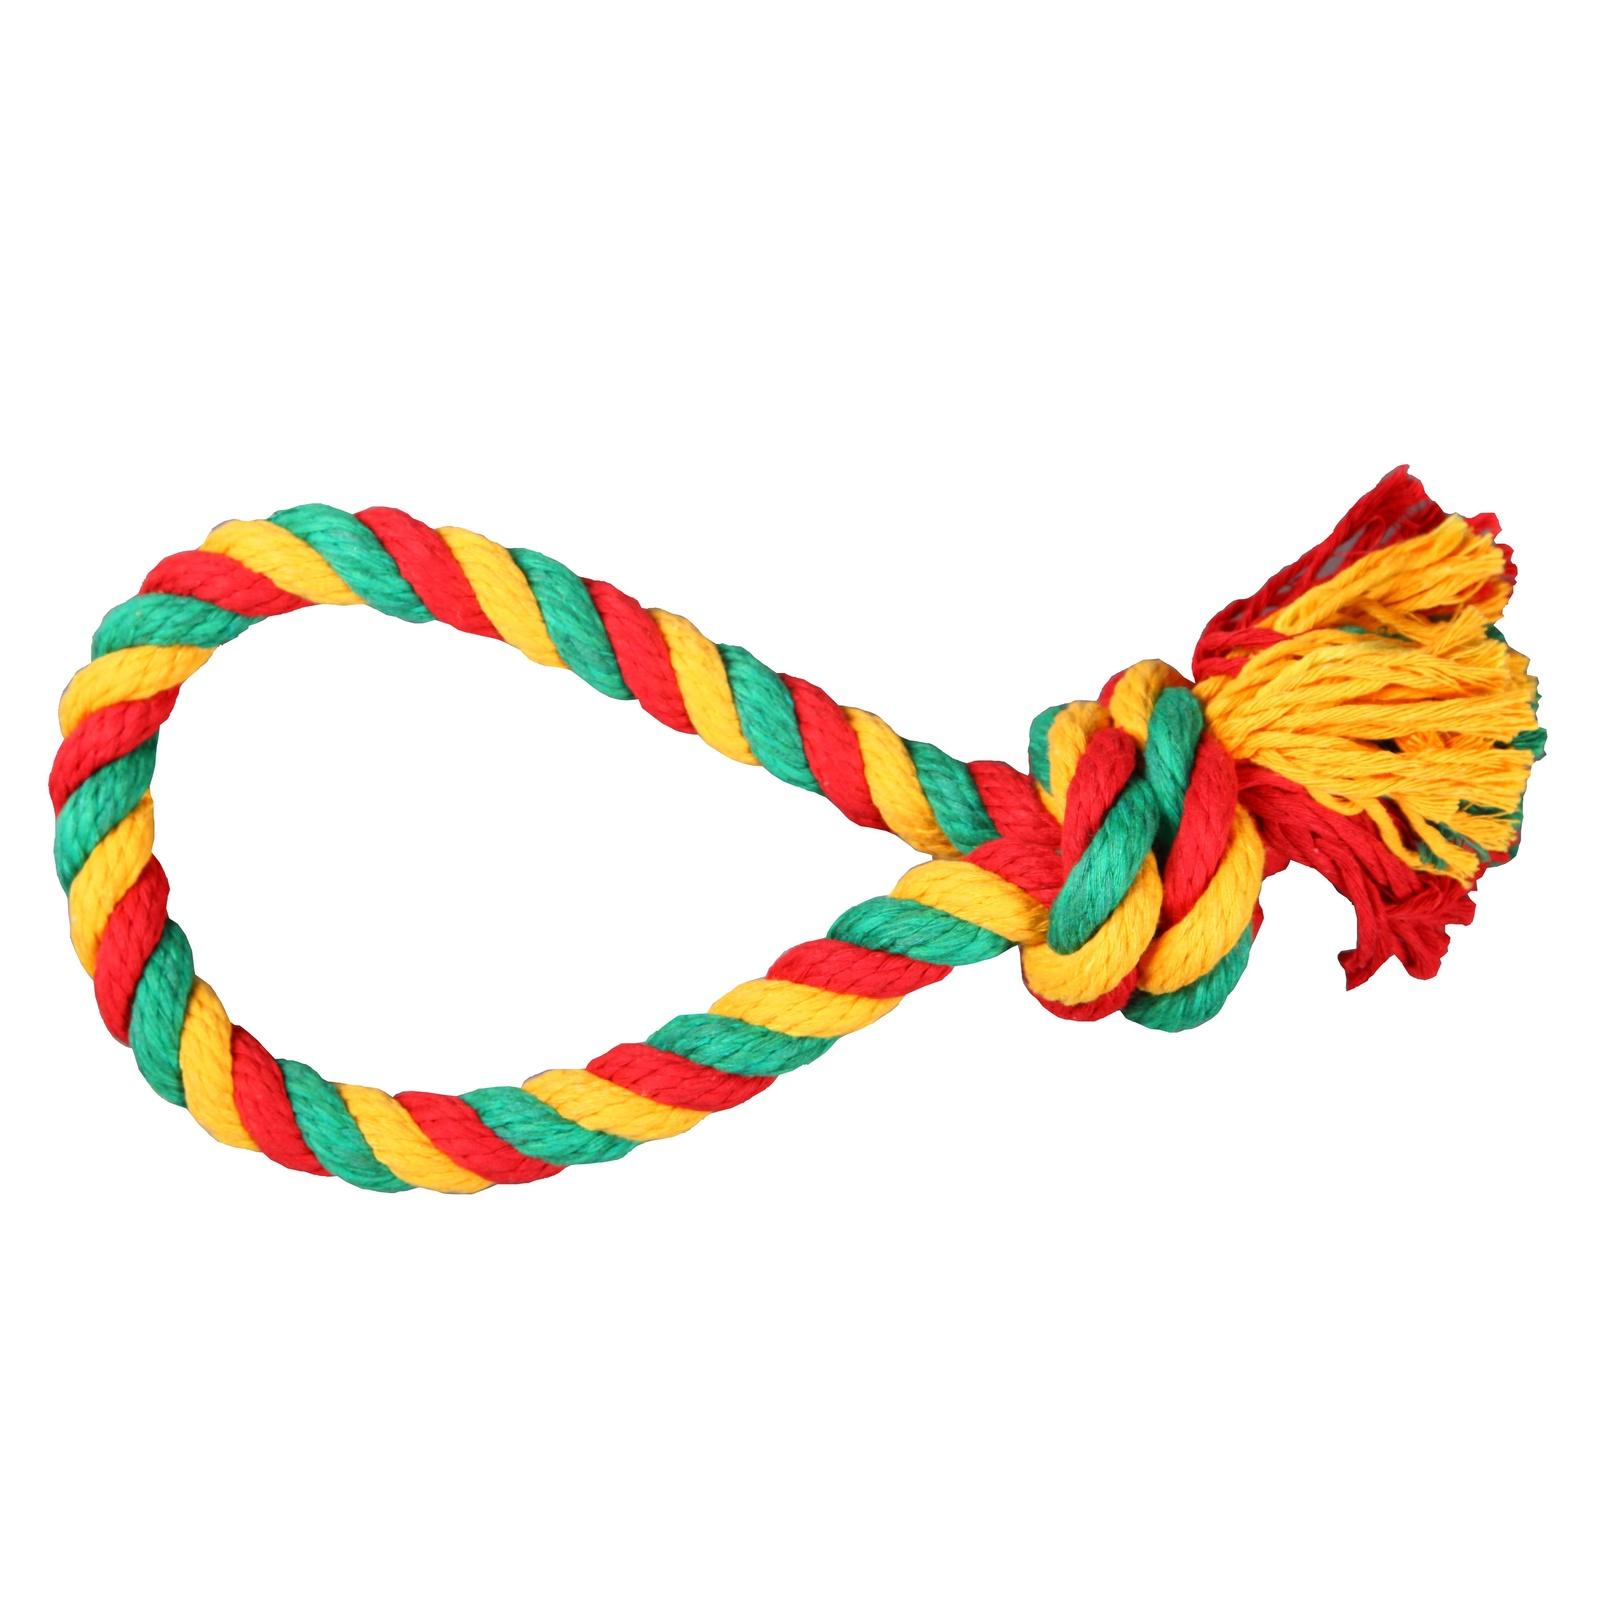 Игрушка для животных JOY Веревка-Петля JOY текстильная игрушка для собак 2РУА00108